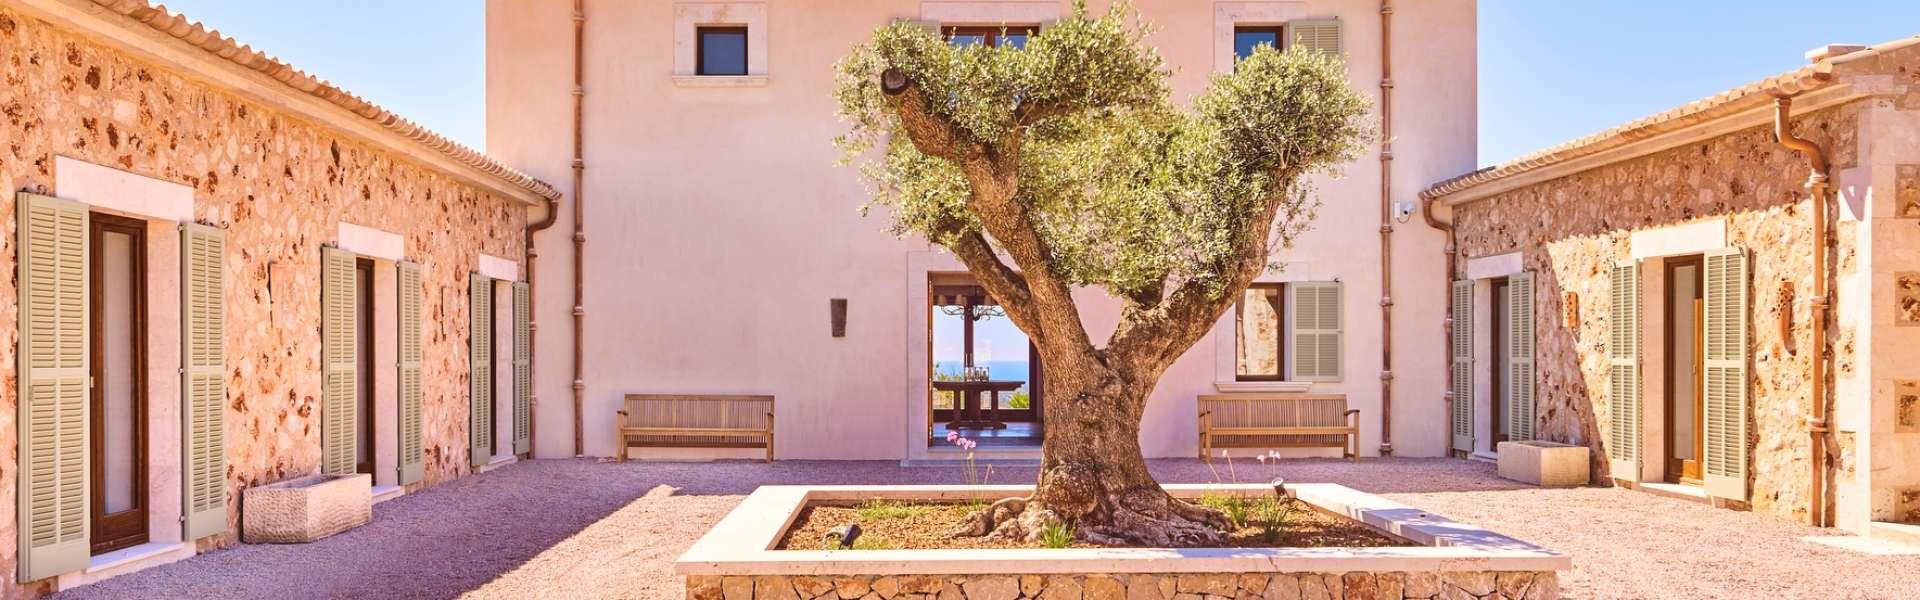 Montemar S.L. - besondere Bauprojekte auf Mallorca